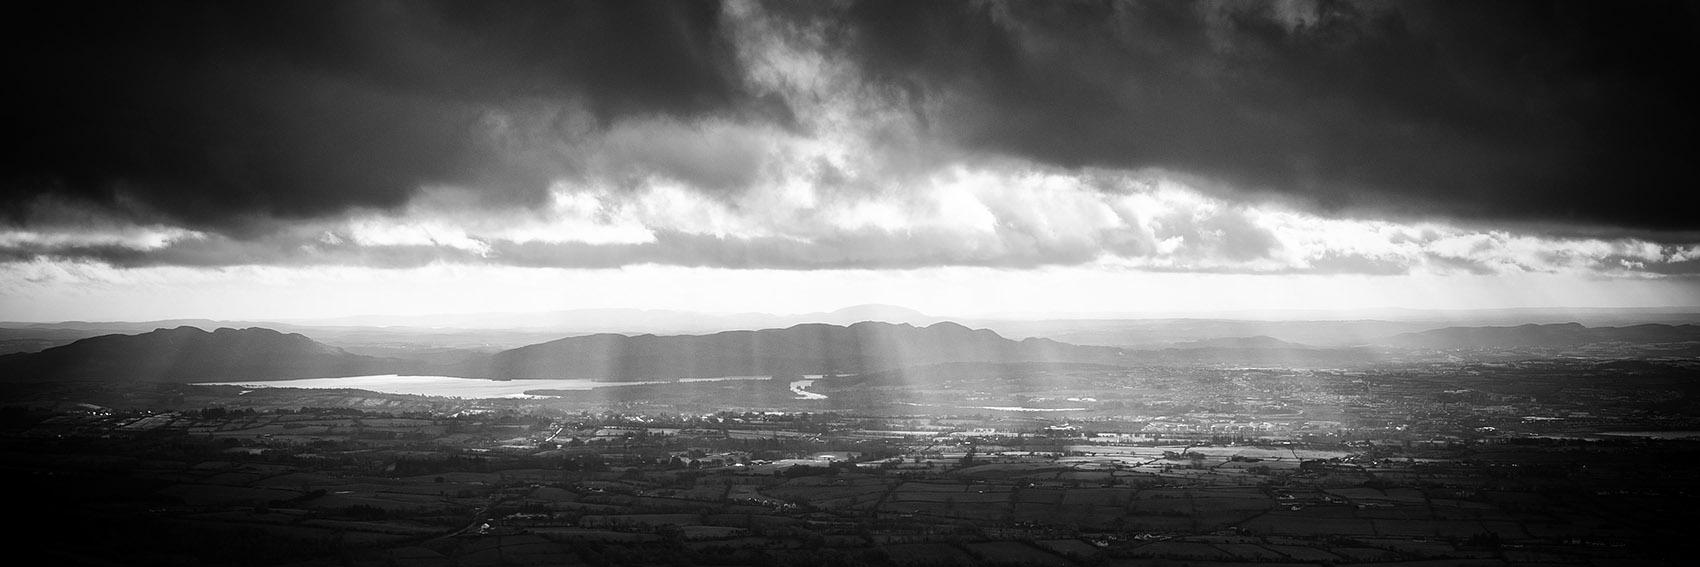 Lough-Gill-Sligo-Town-from-Benbulben-Mountain